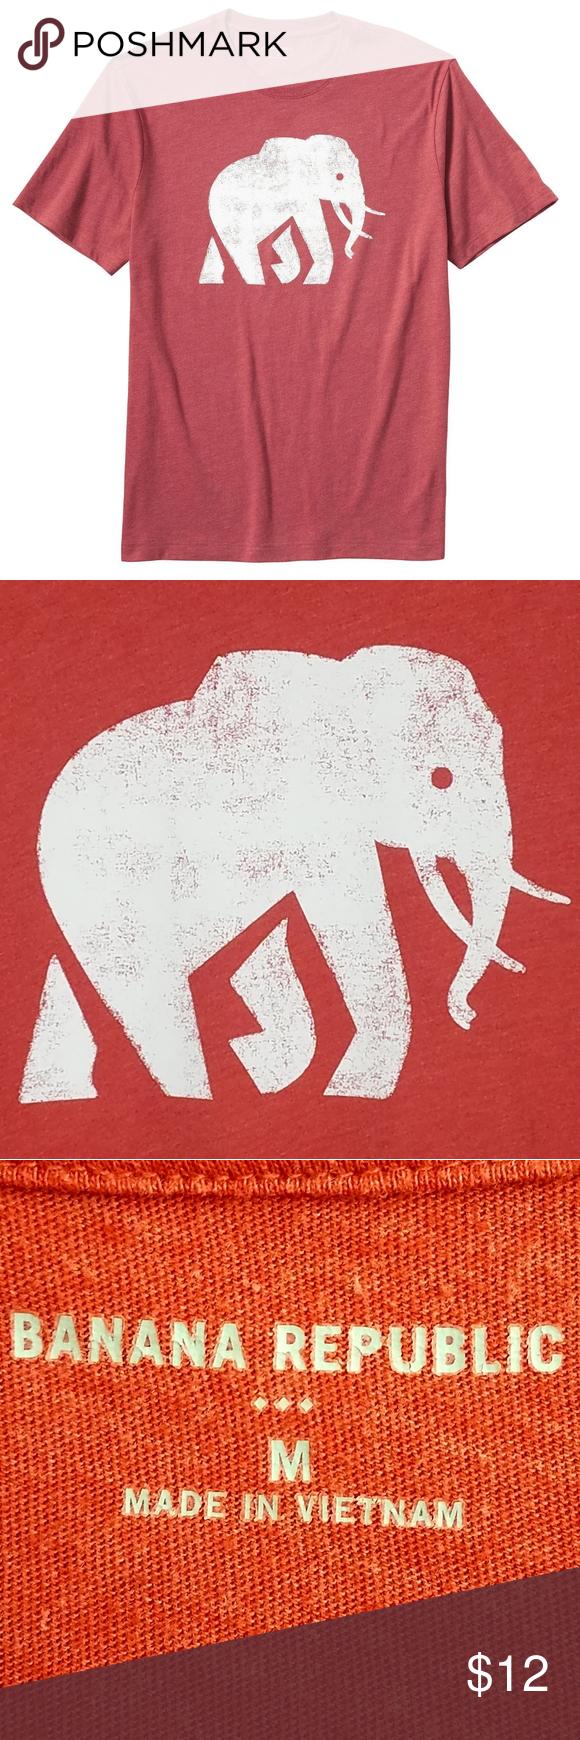 BANANA REPUBLIC Elephant Logo Graphic TShirt M in 2020